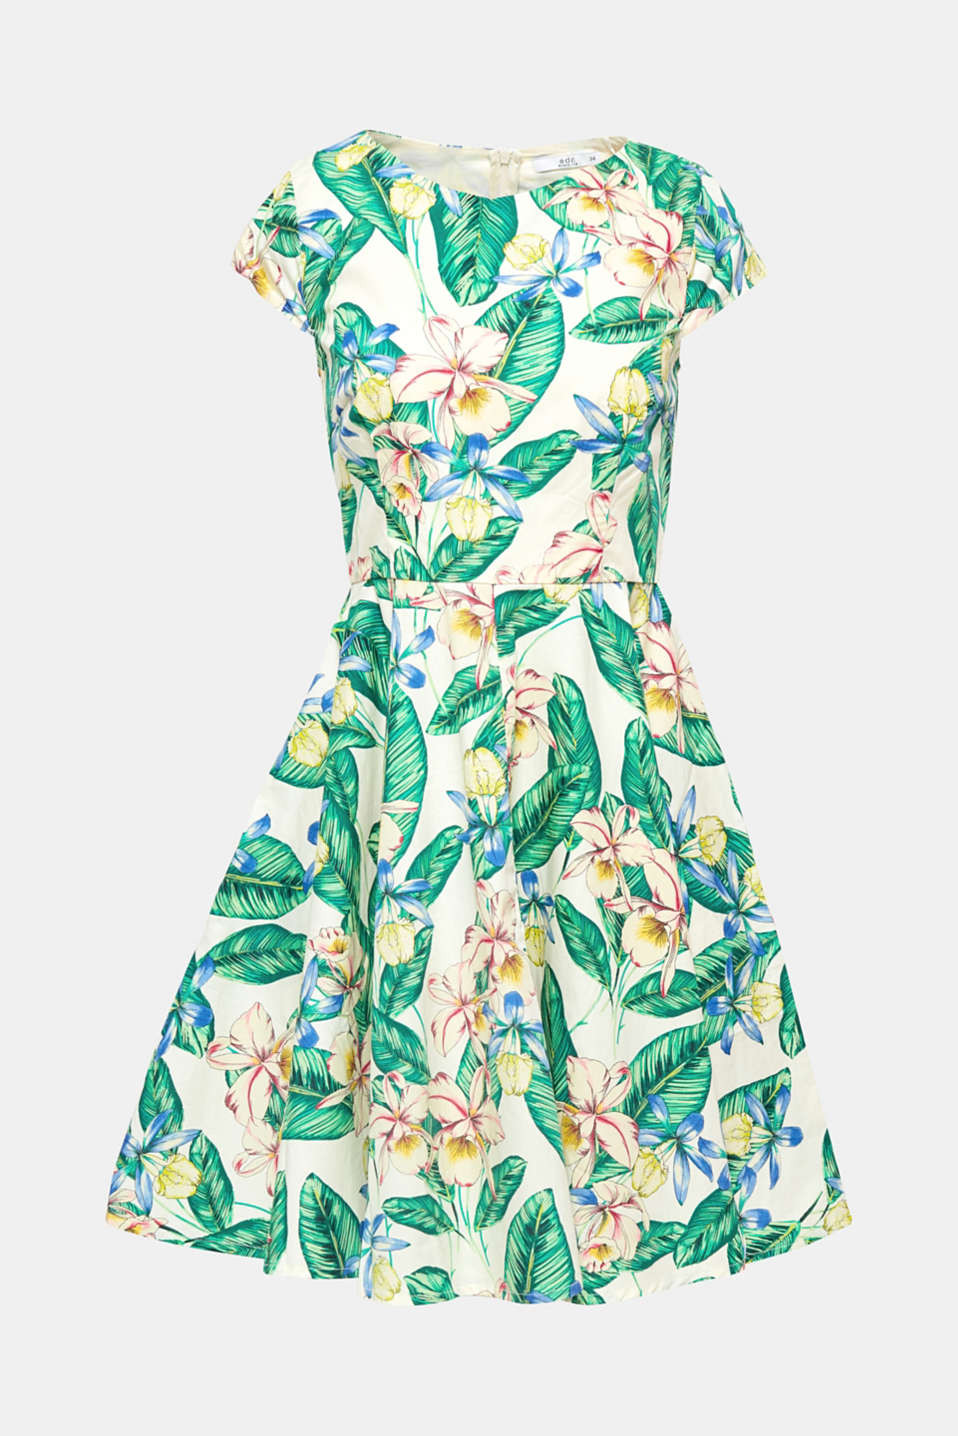 Cette robe doit son charme rétro tendance à sa silhouette oscillante et à son imprimé tendance composé de fleurs tropicales.